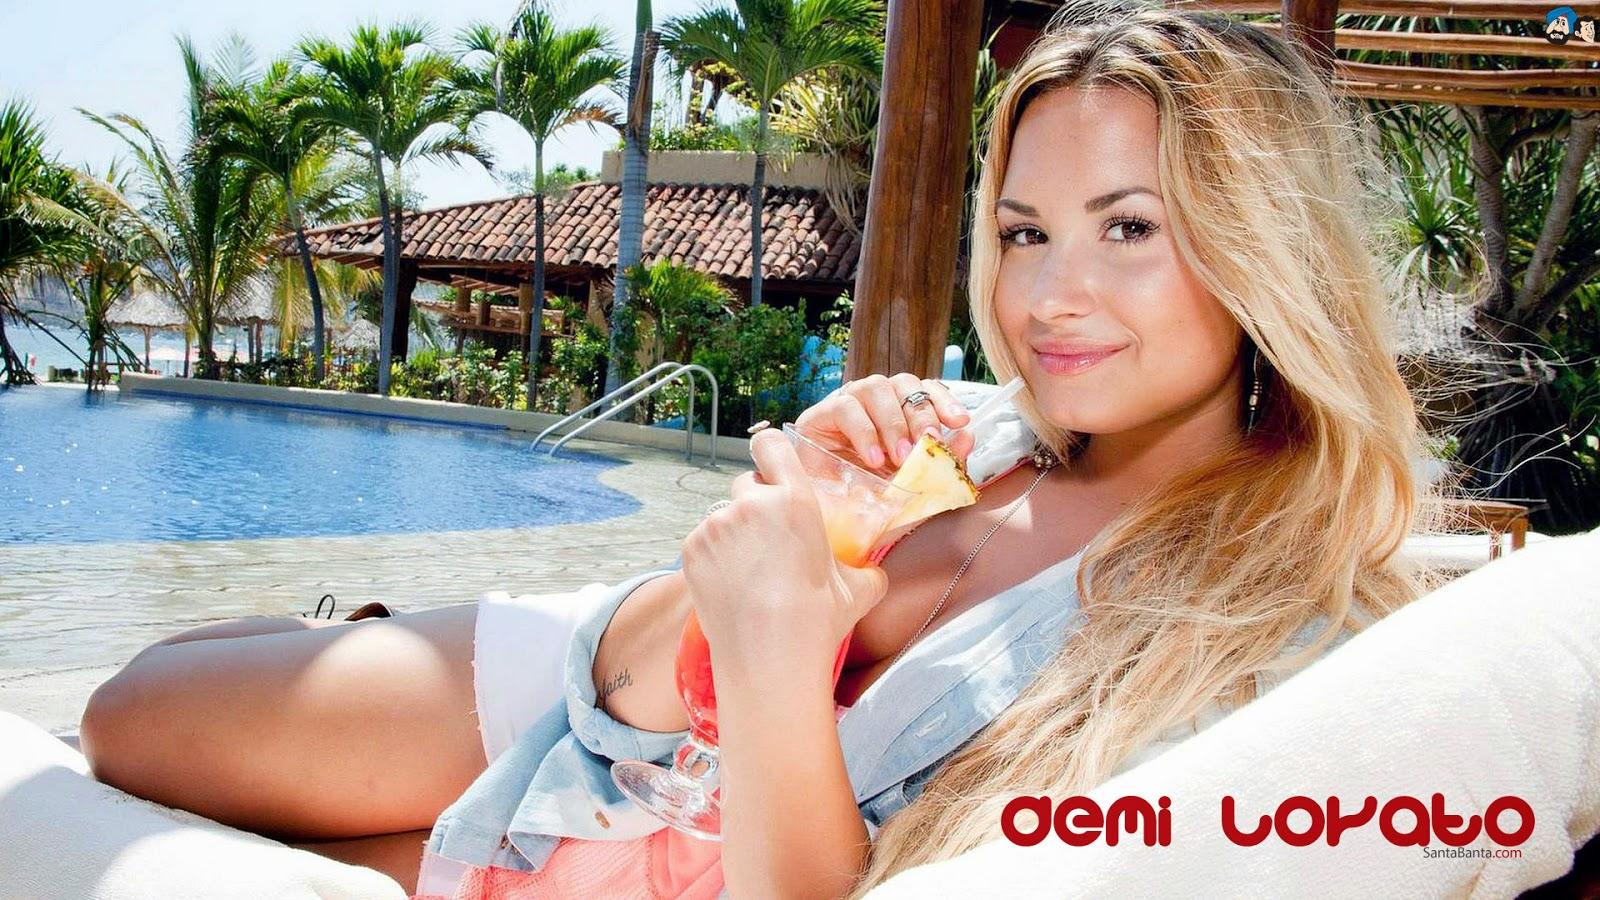 Demi Lovato Hot HD Wallpaper